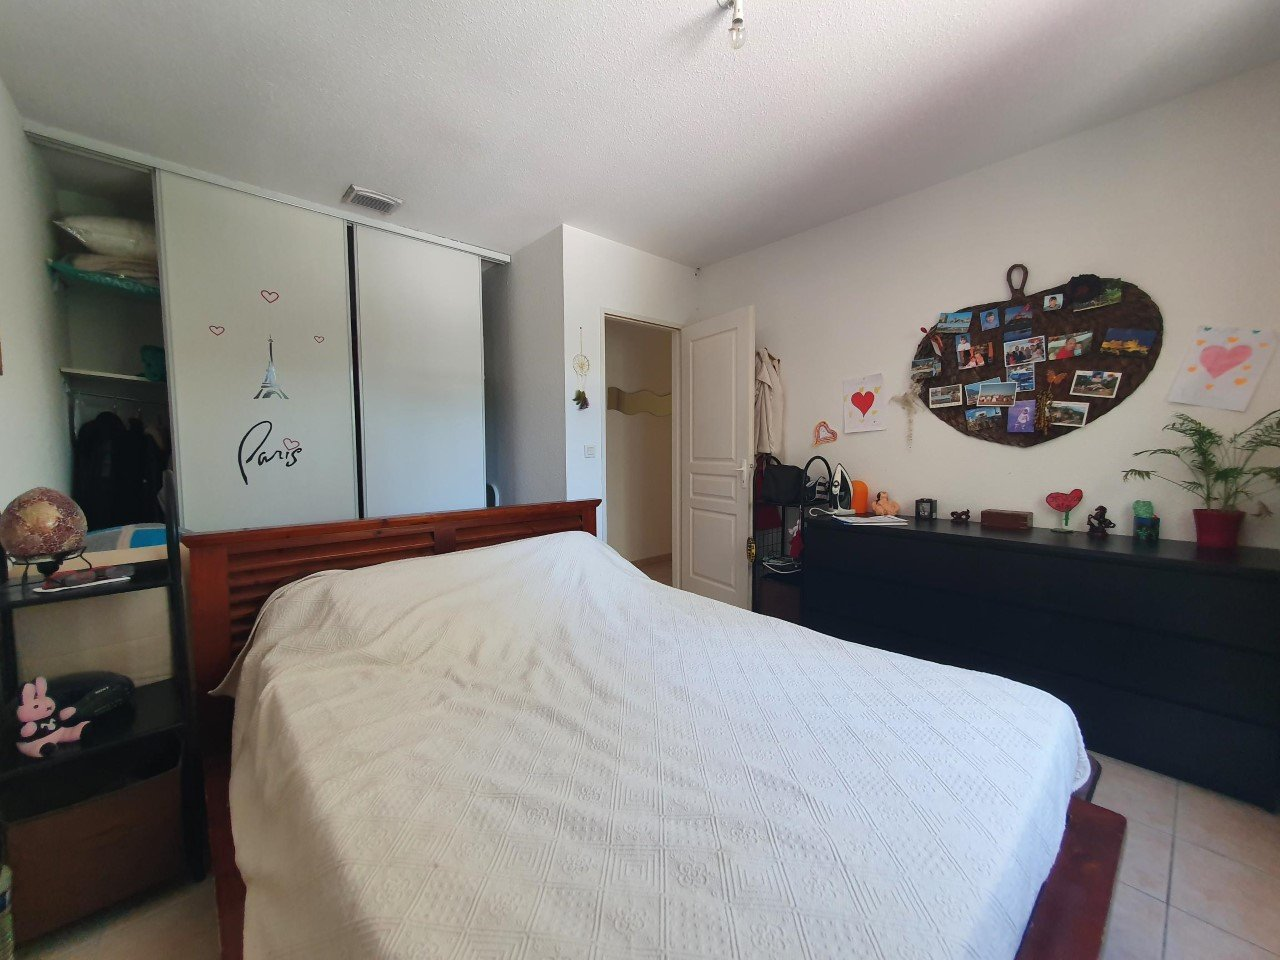 Dpt Hérault (34), à vendre SAINT JEAN DE VEDAS maison P5 de 90 m² - Terrain de 388,00 m² GARAGE